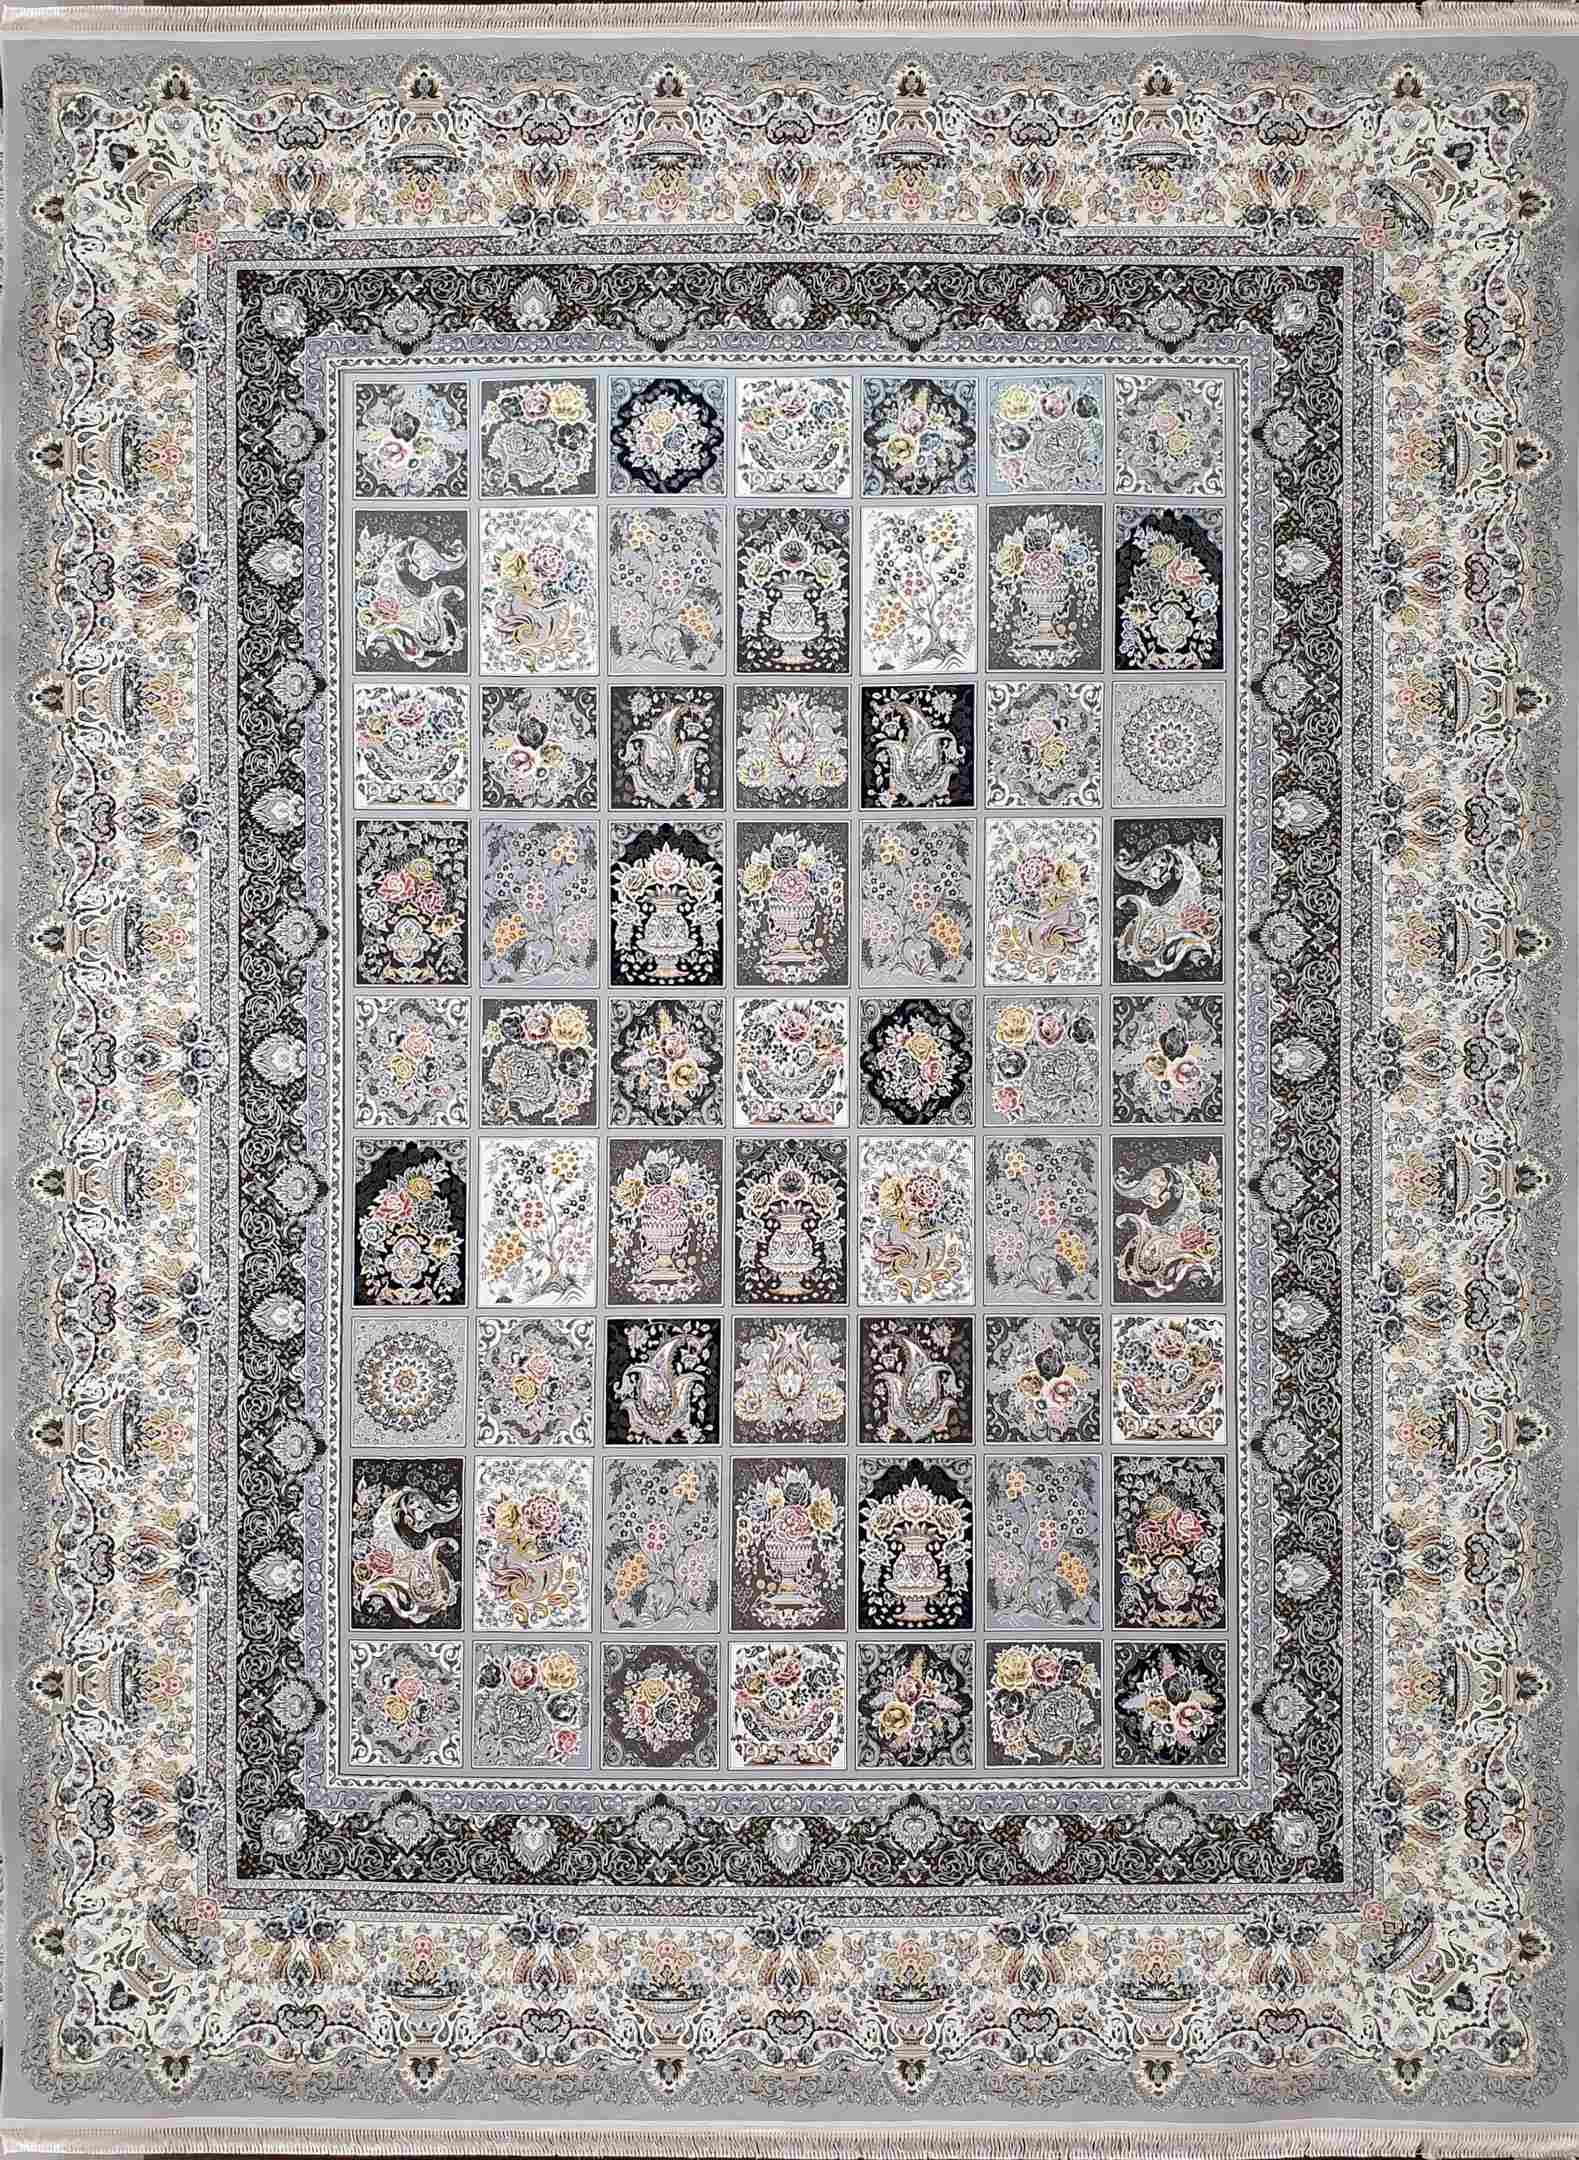 فرش 1500 شانه نقشه خشتی ارسباران سیلور